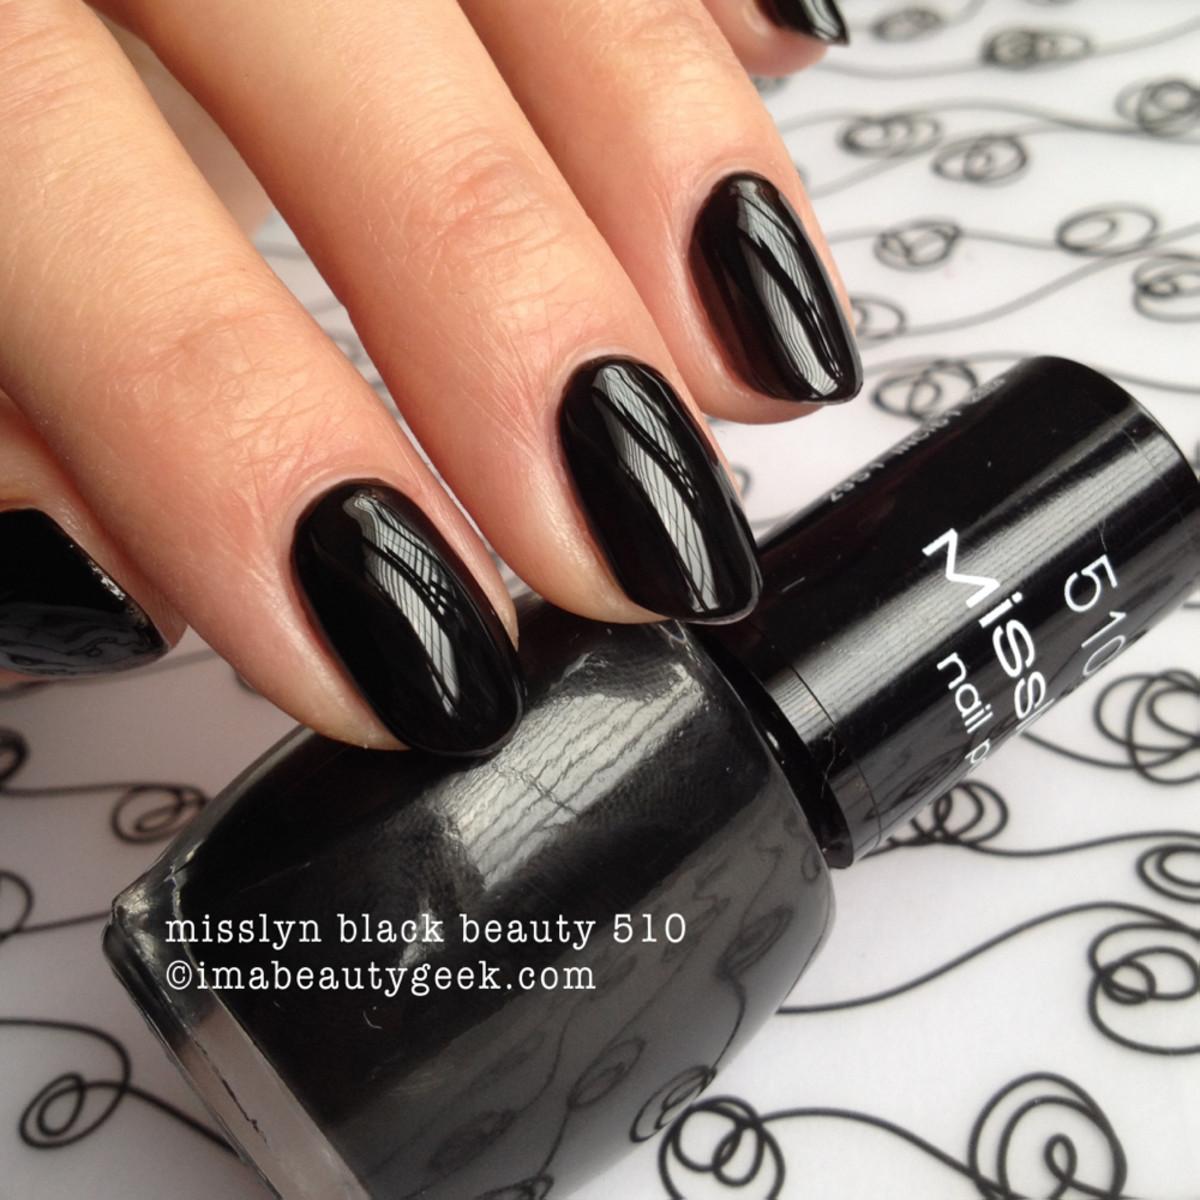 Misslyn Black Beauty 510